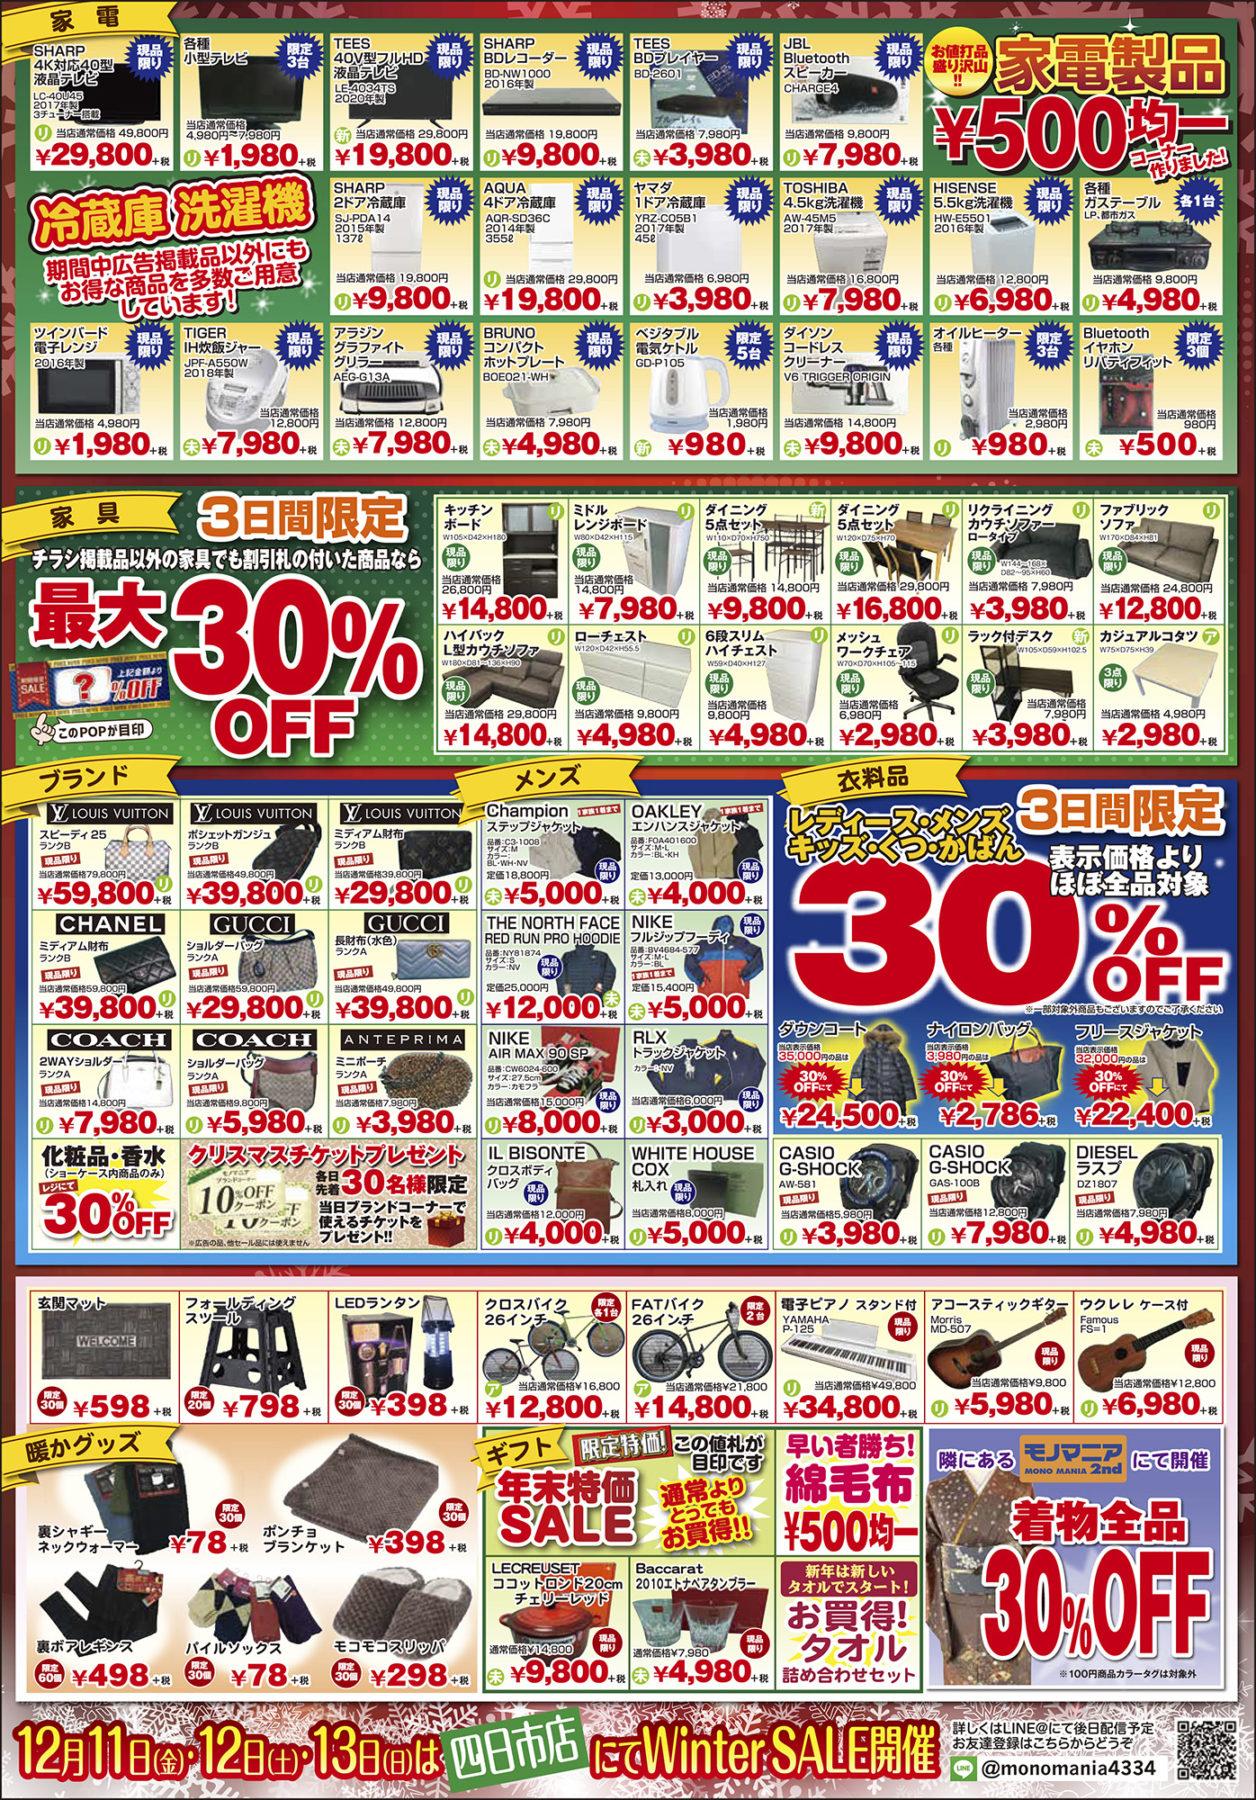 モノマニア祭2020【モノマニア朝日店】チラシ裏